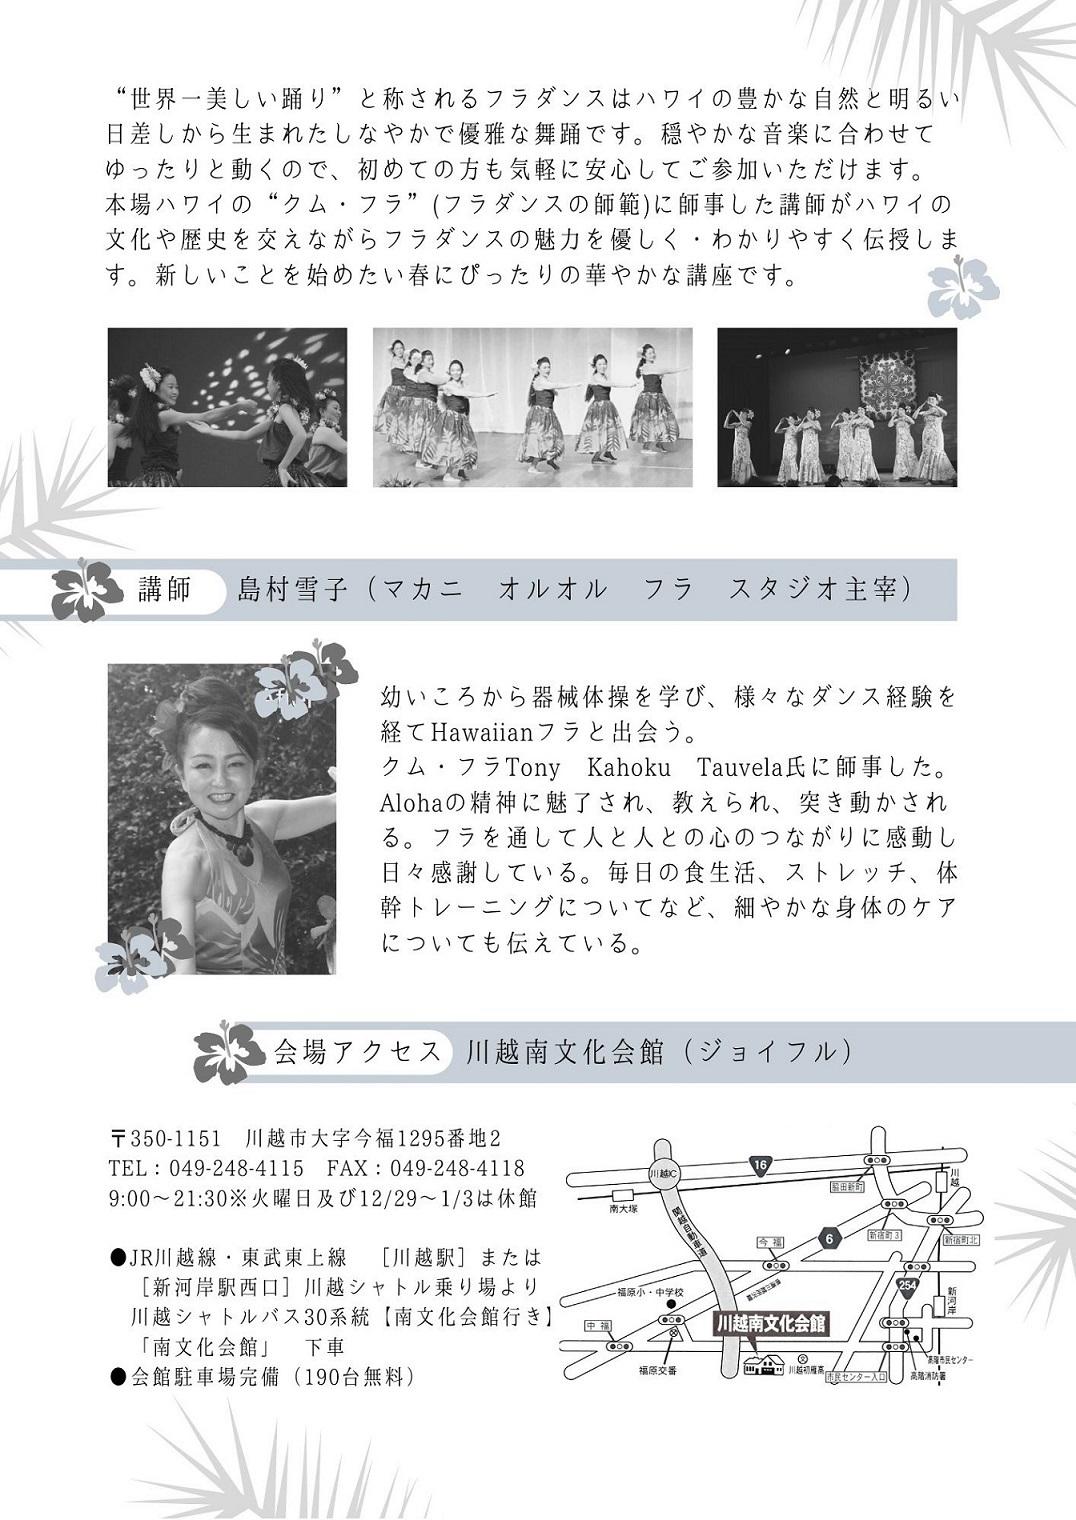 【中止】令和元年度 ジョイフル体験講座「フラダンス」_d0165682_11294404.jpg